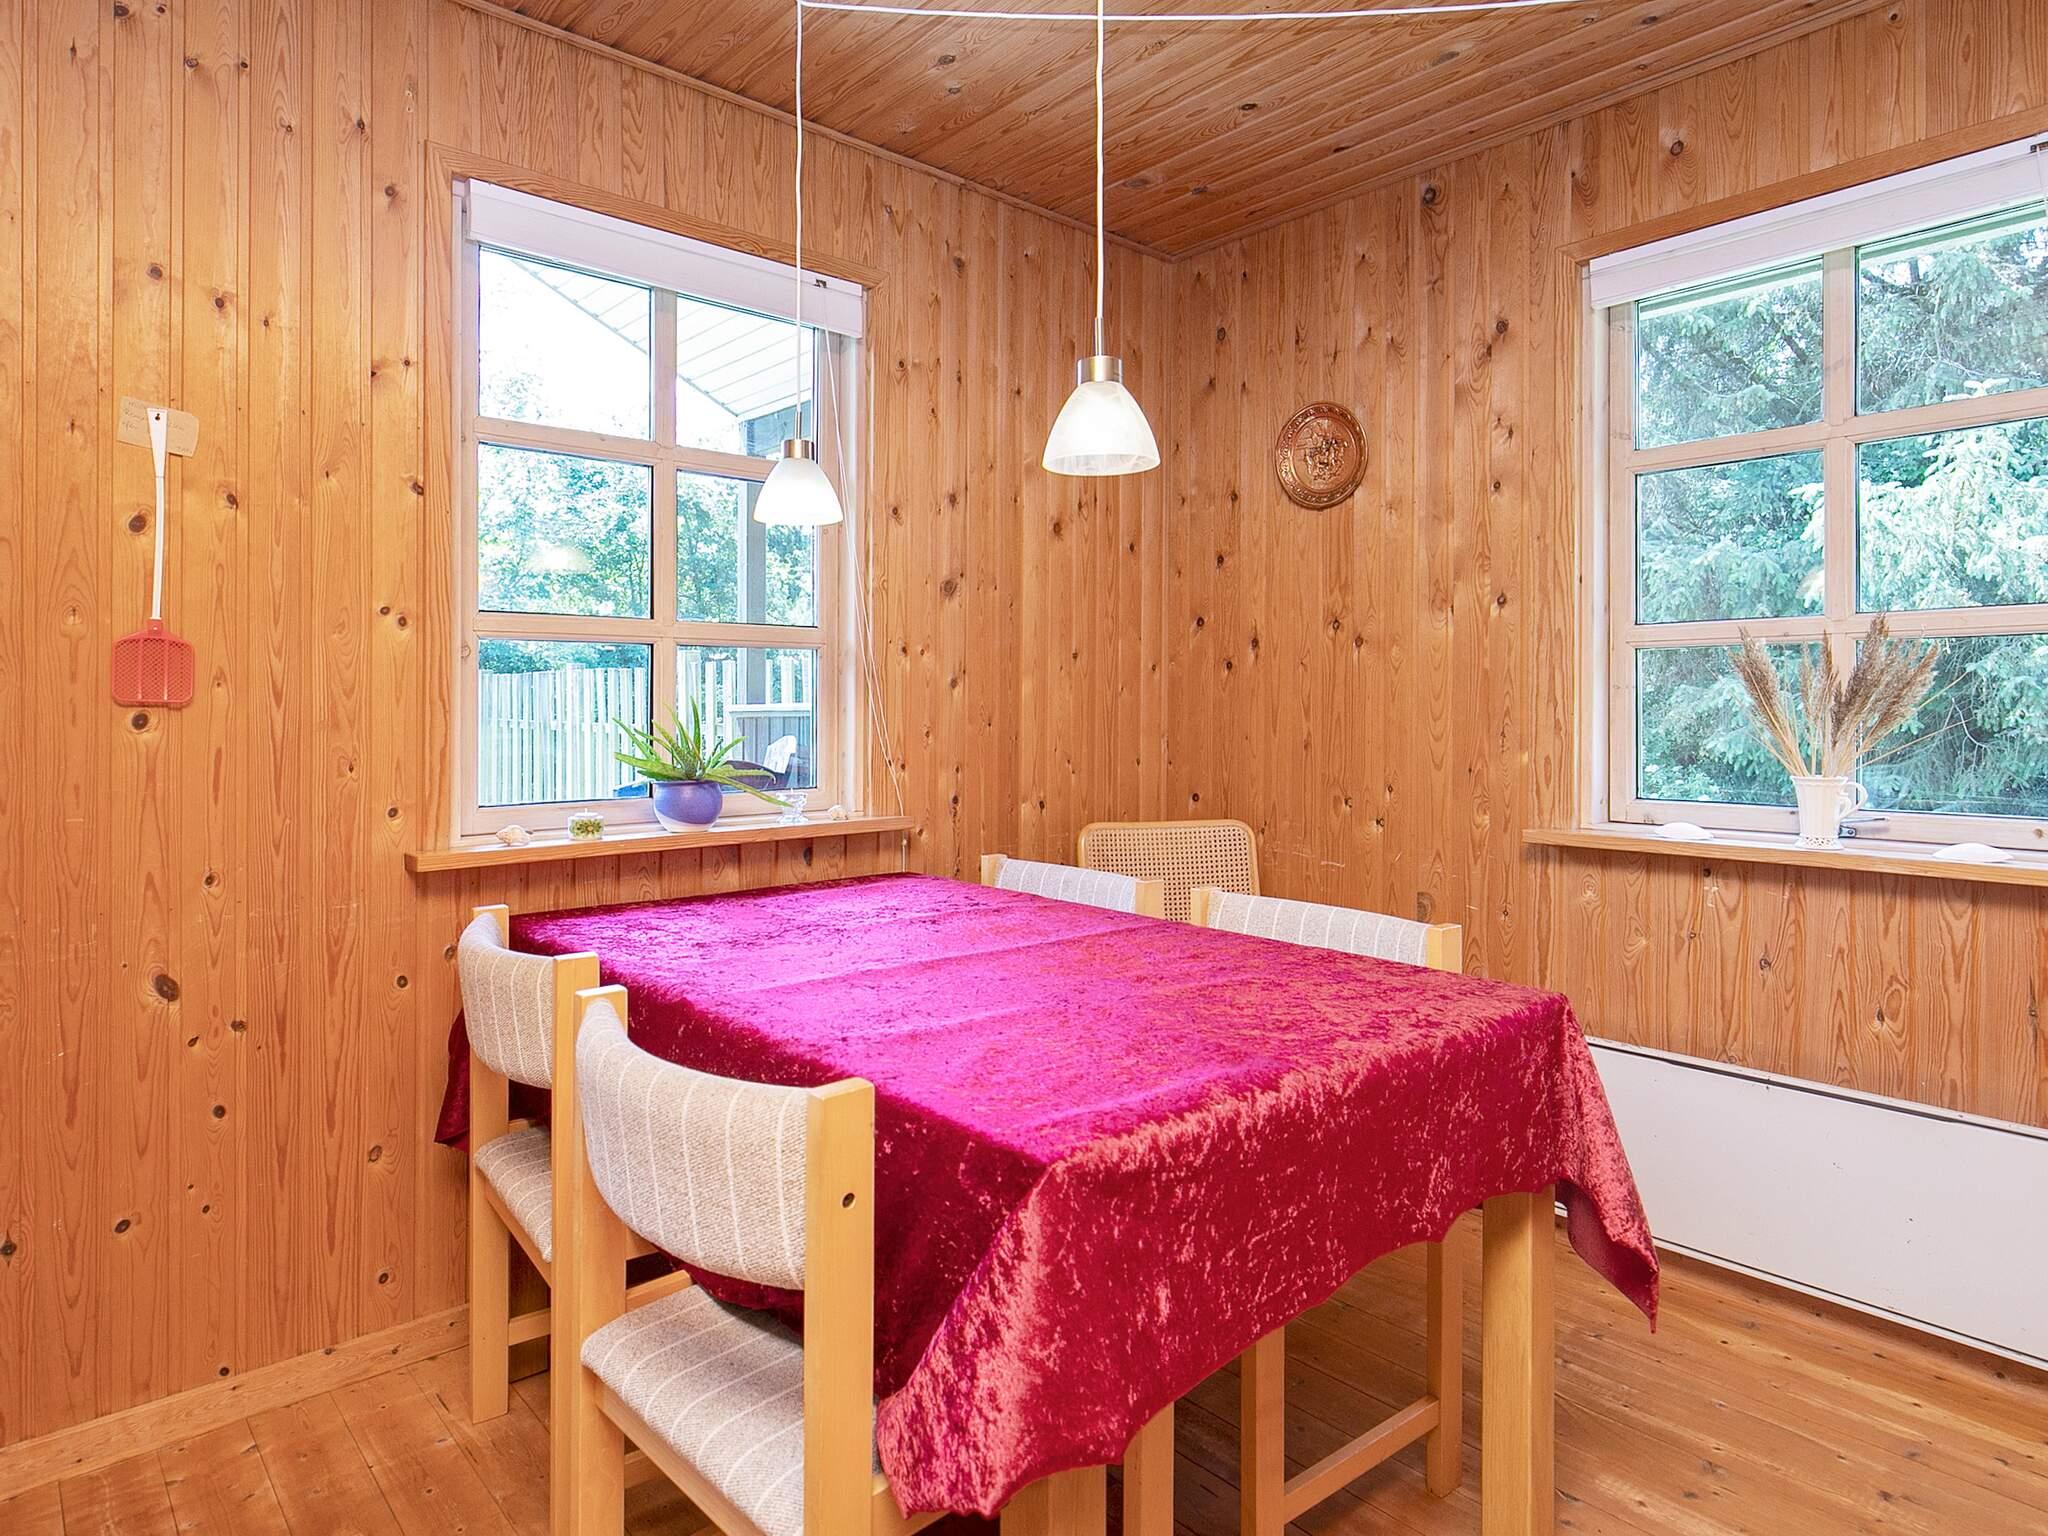 Ferienhaus Hou (88089), Hou, , Nordostjütland, Dänemark, Bild 4